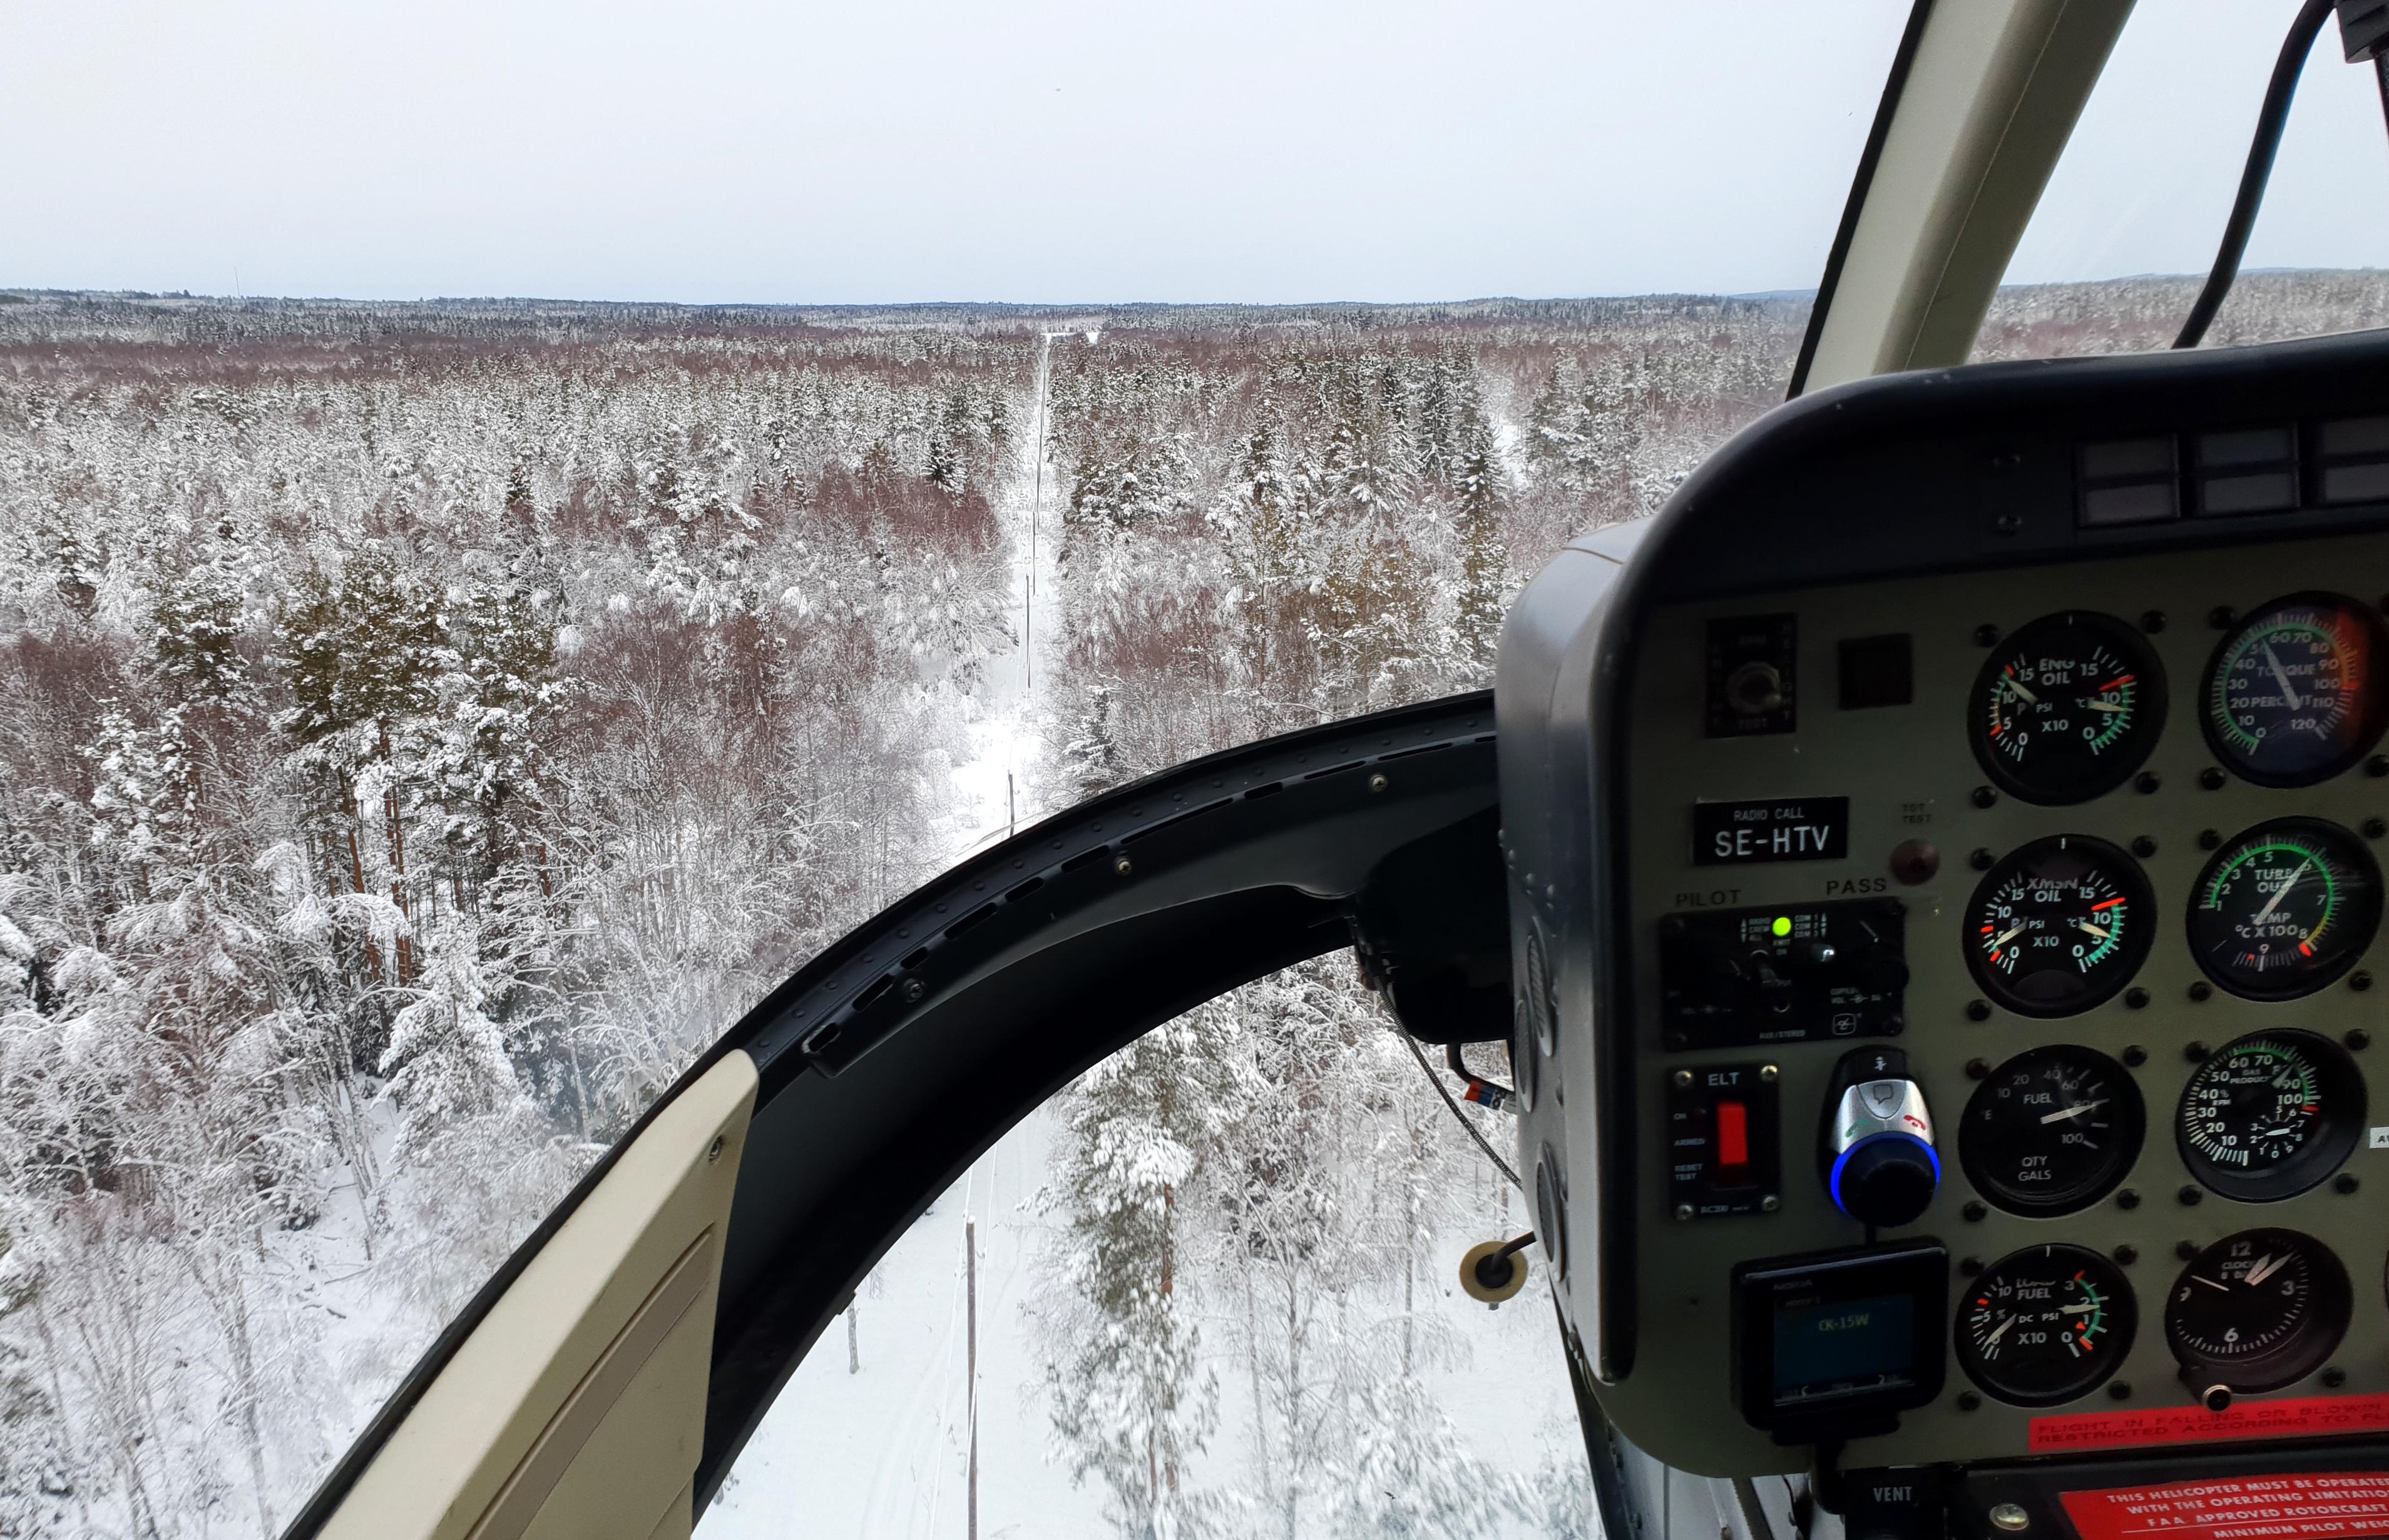 Stora vidder med skog och elledningar är en vardaglig syn för Jens och Anders när de utförde besiktning av ledningarna efter stormen Alfrida. Foto. Jens Thureson. Dala Energi